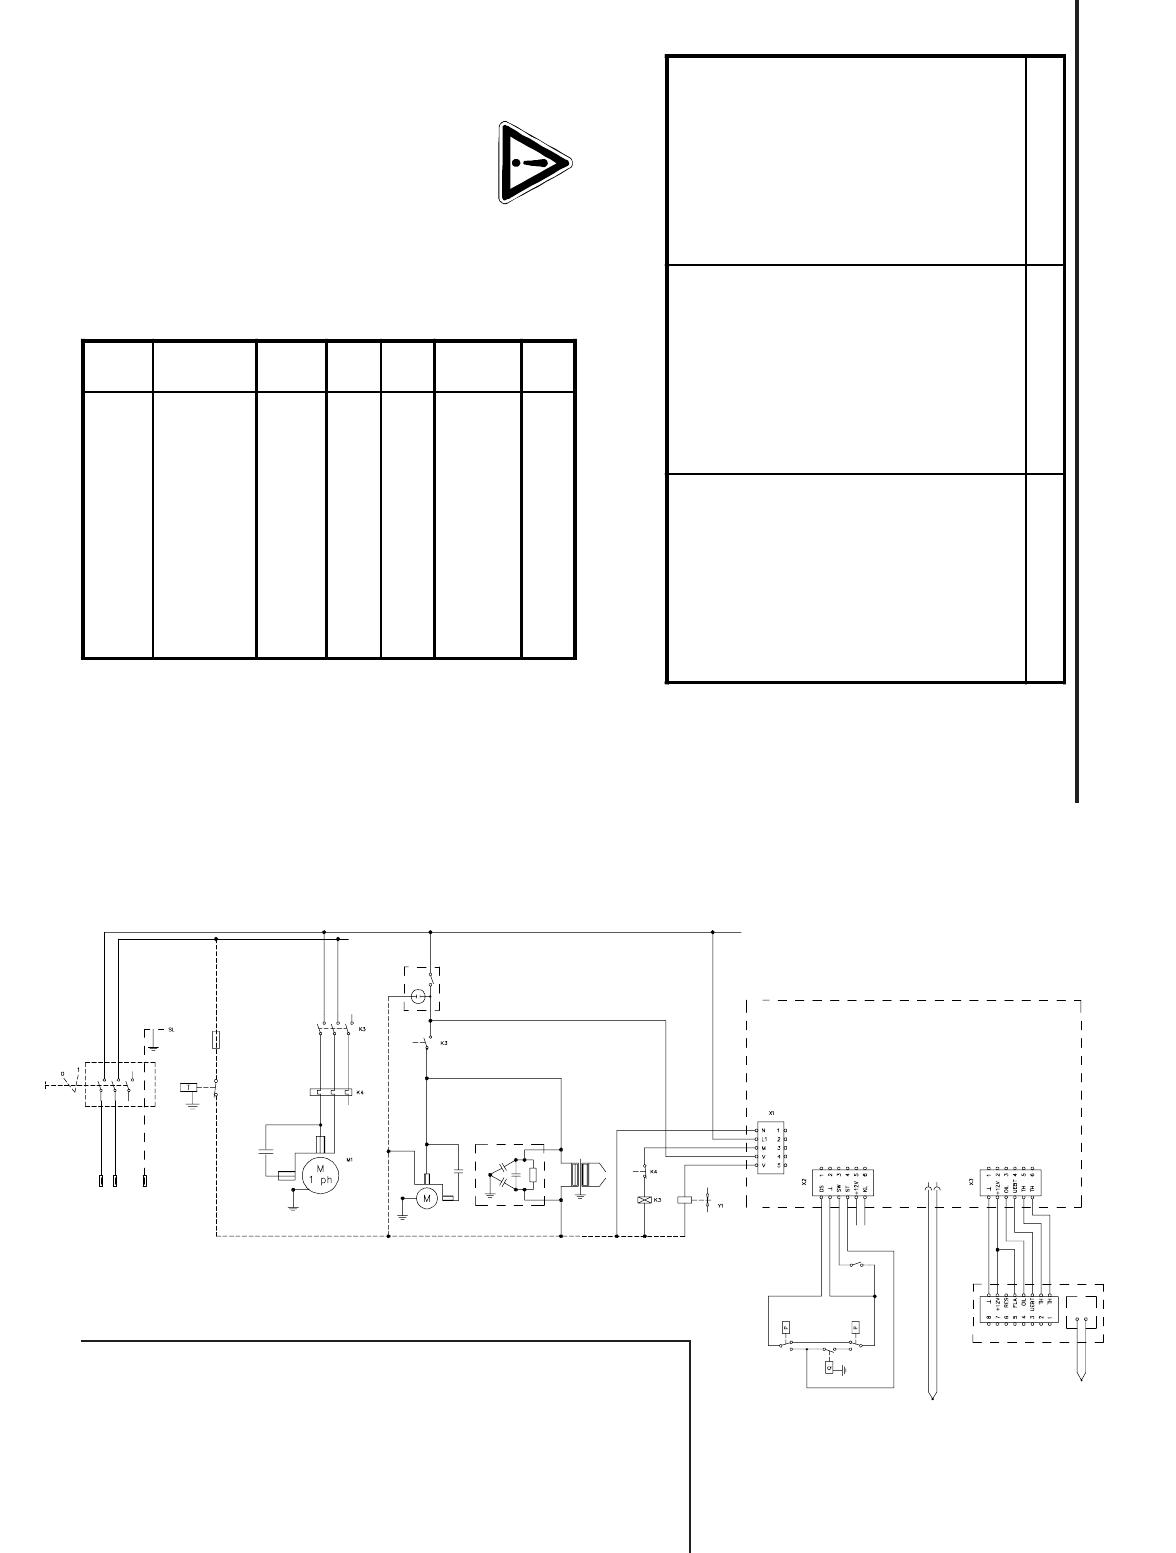 Handleiding Kranzle Therm 635 (pagina 13 van 25) (Deutsch)